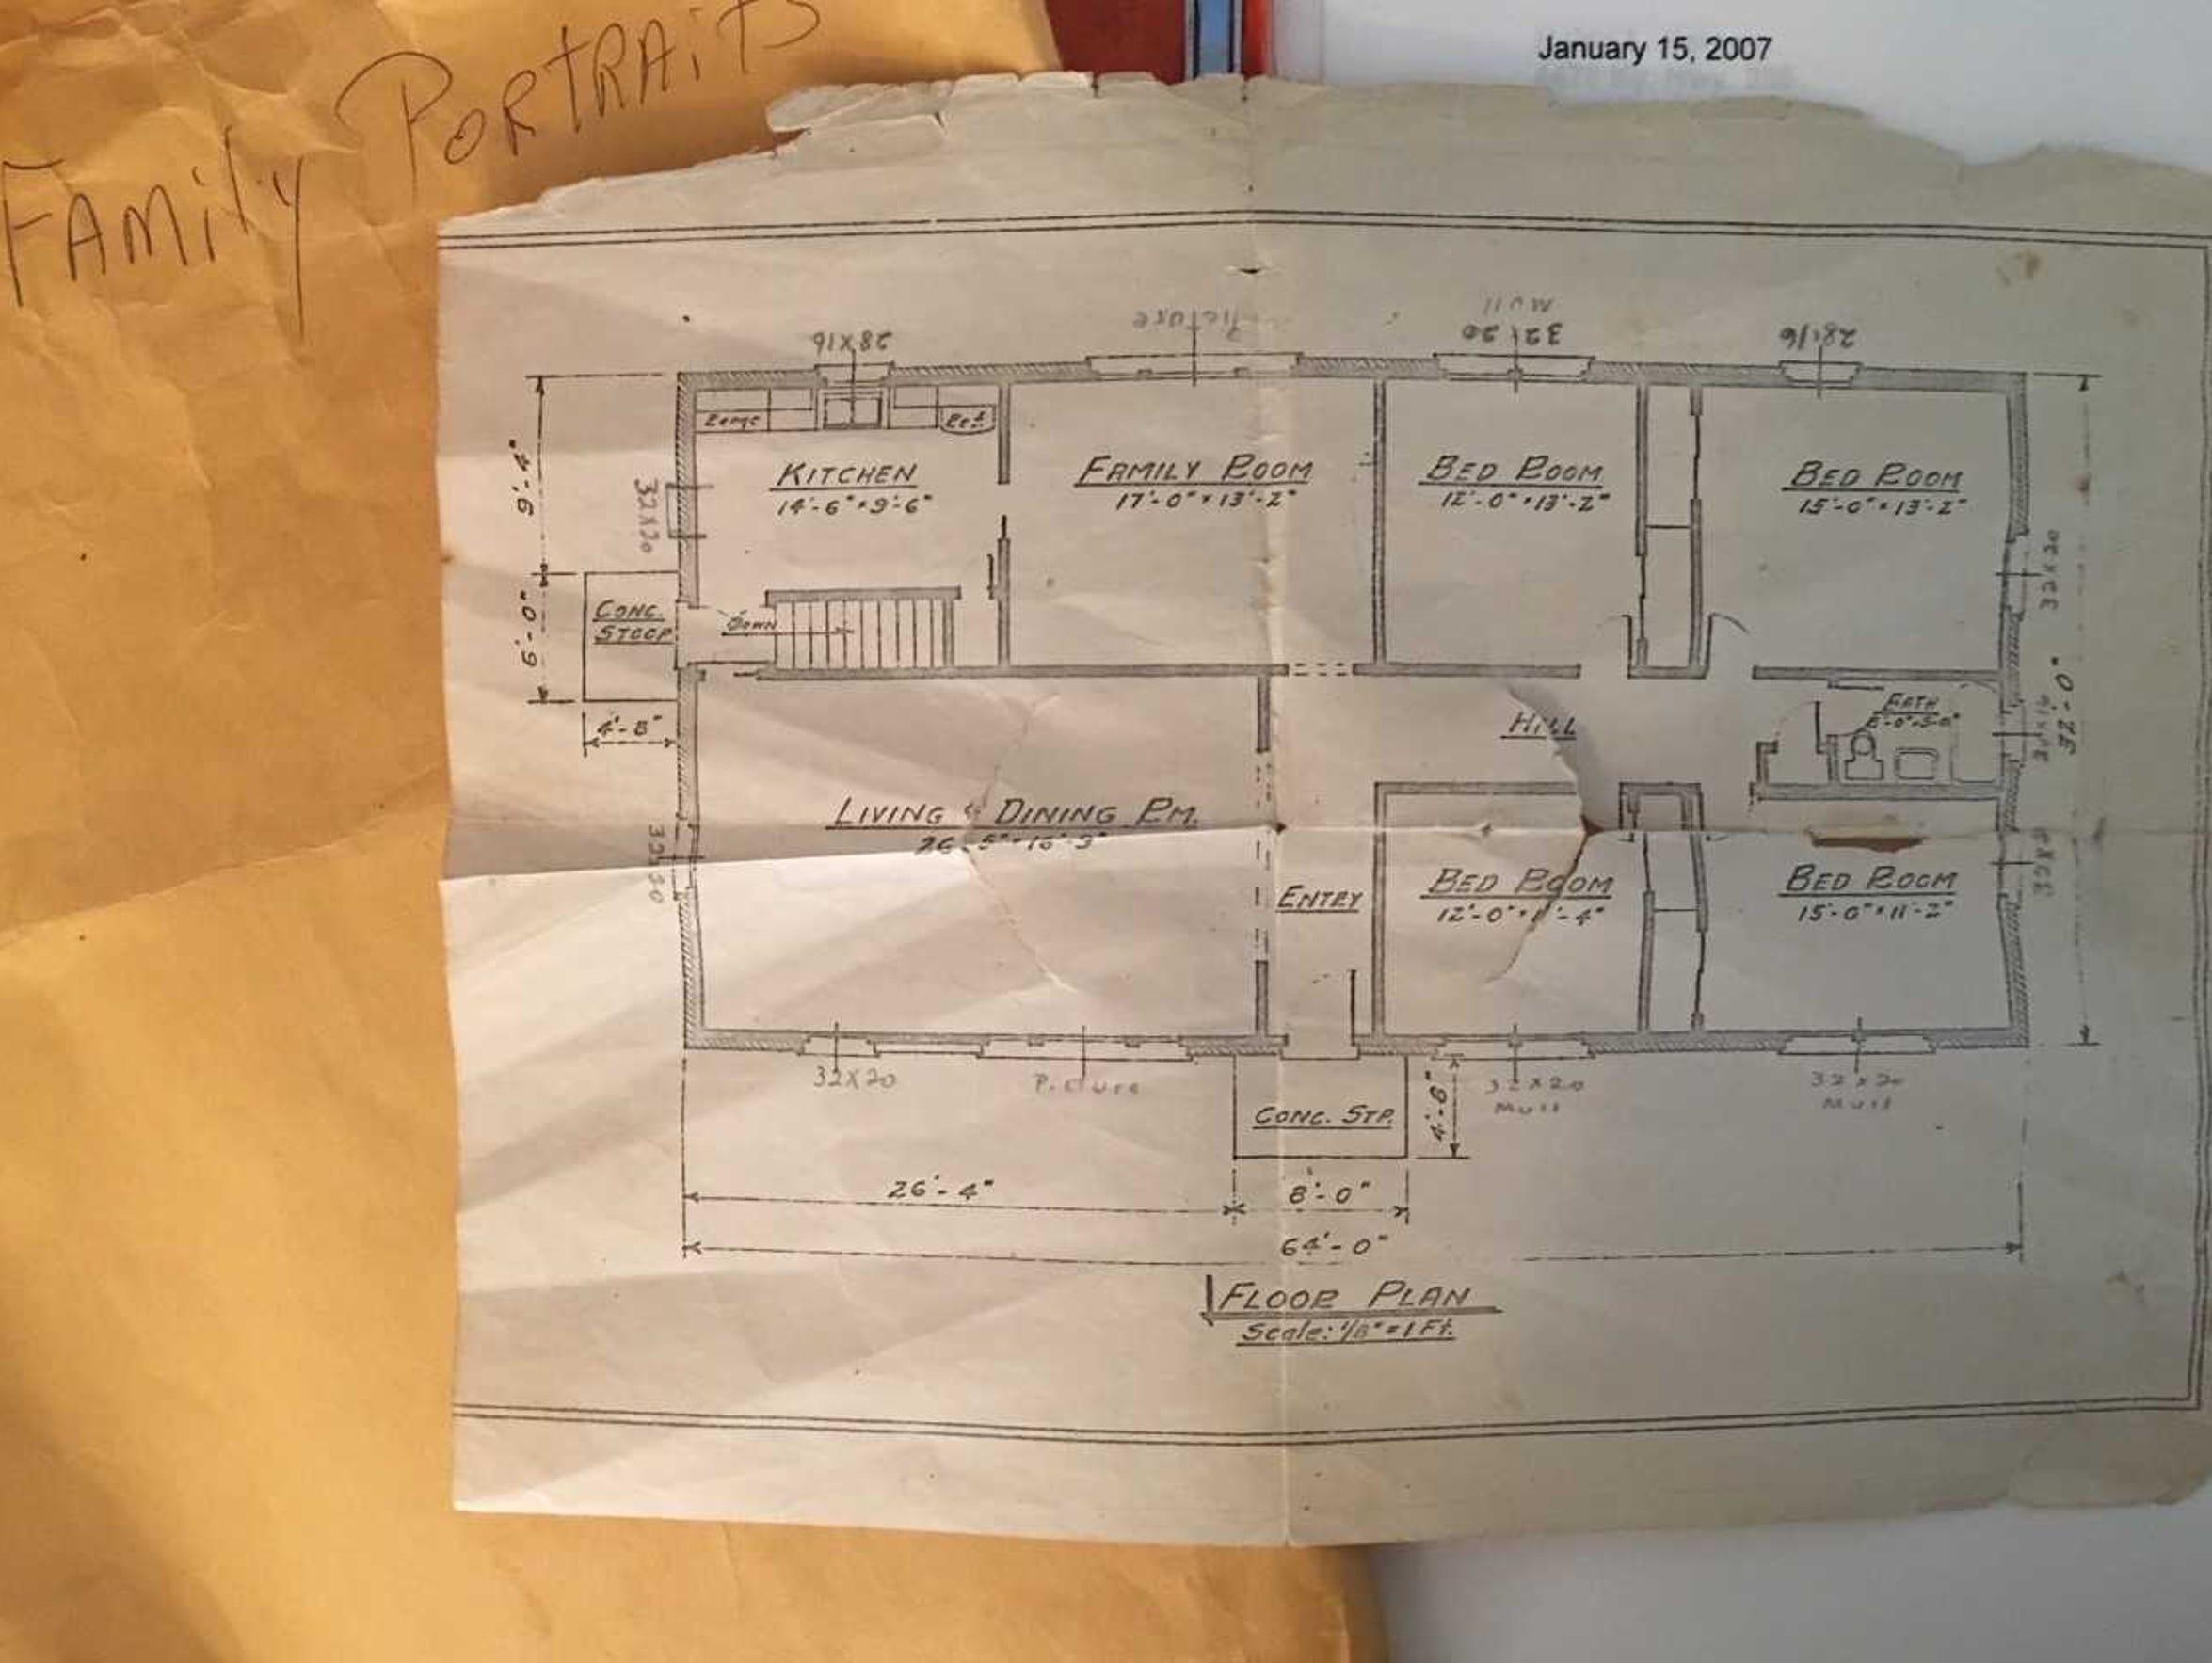 Helen Harney drew the floor plan for the family home